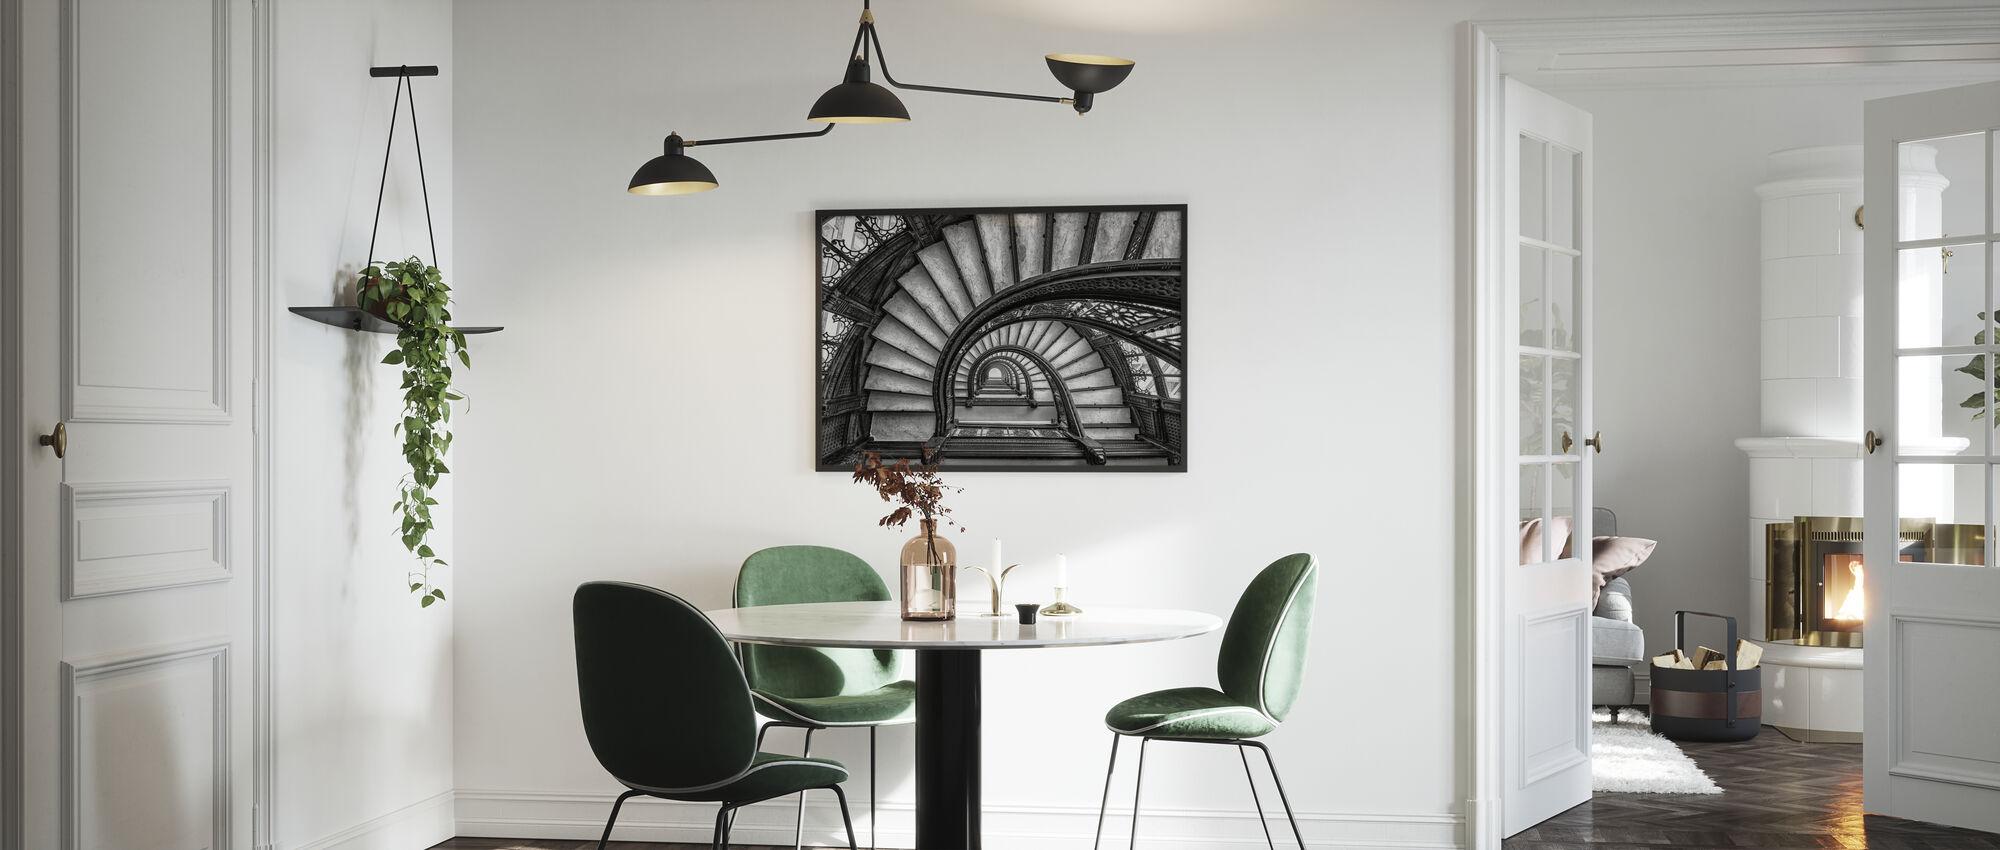 Rookery, svart og hvitt - Plakat - Kjøkken